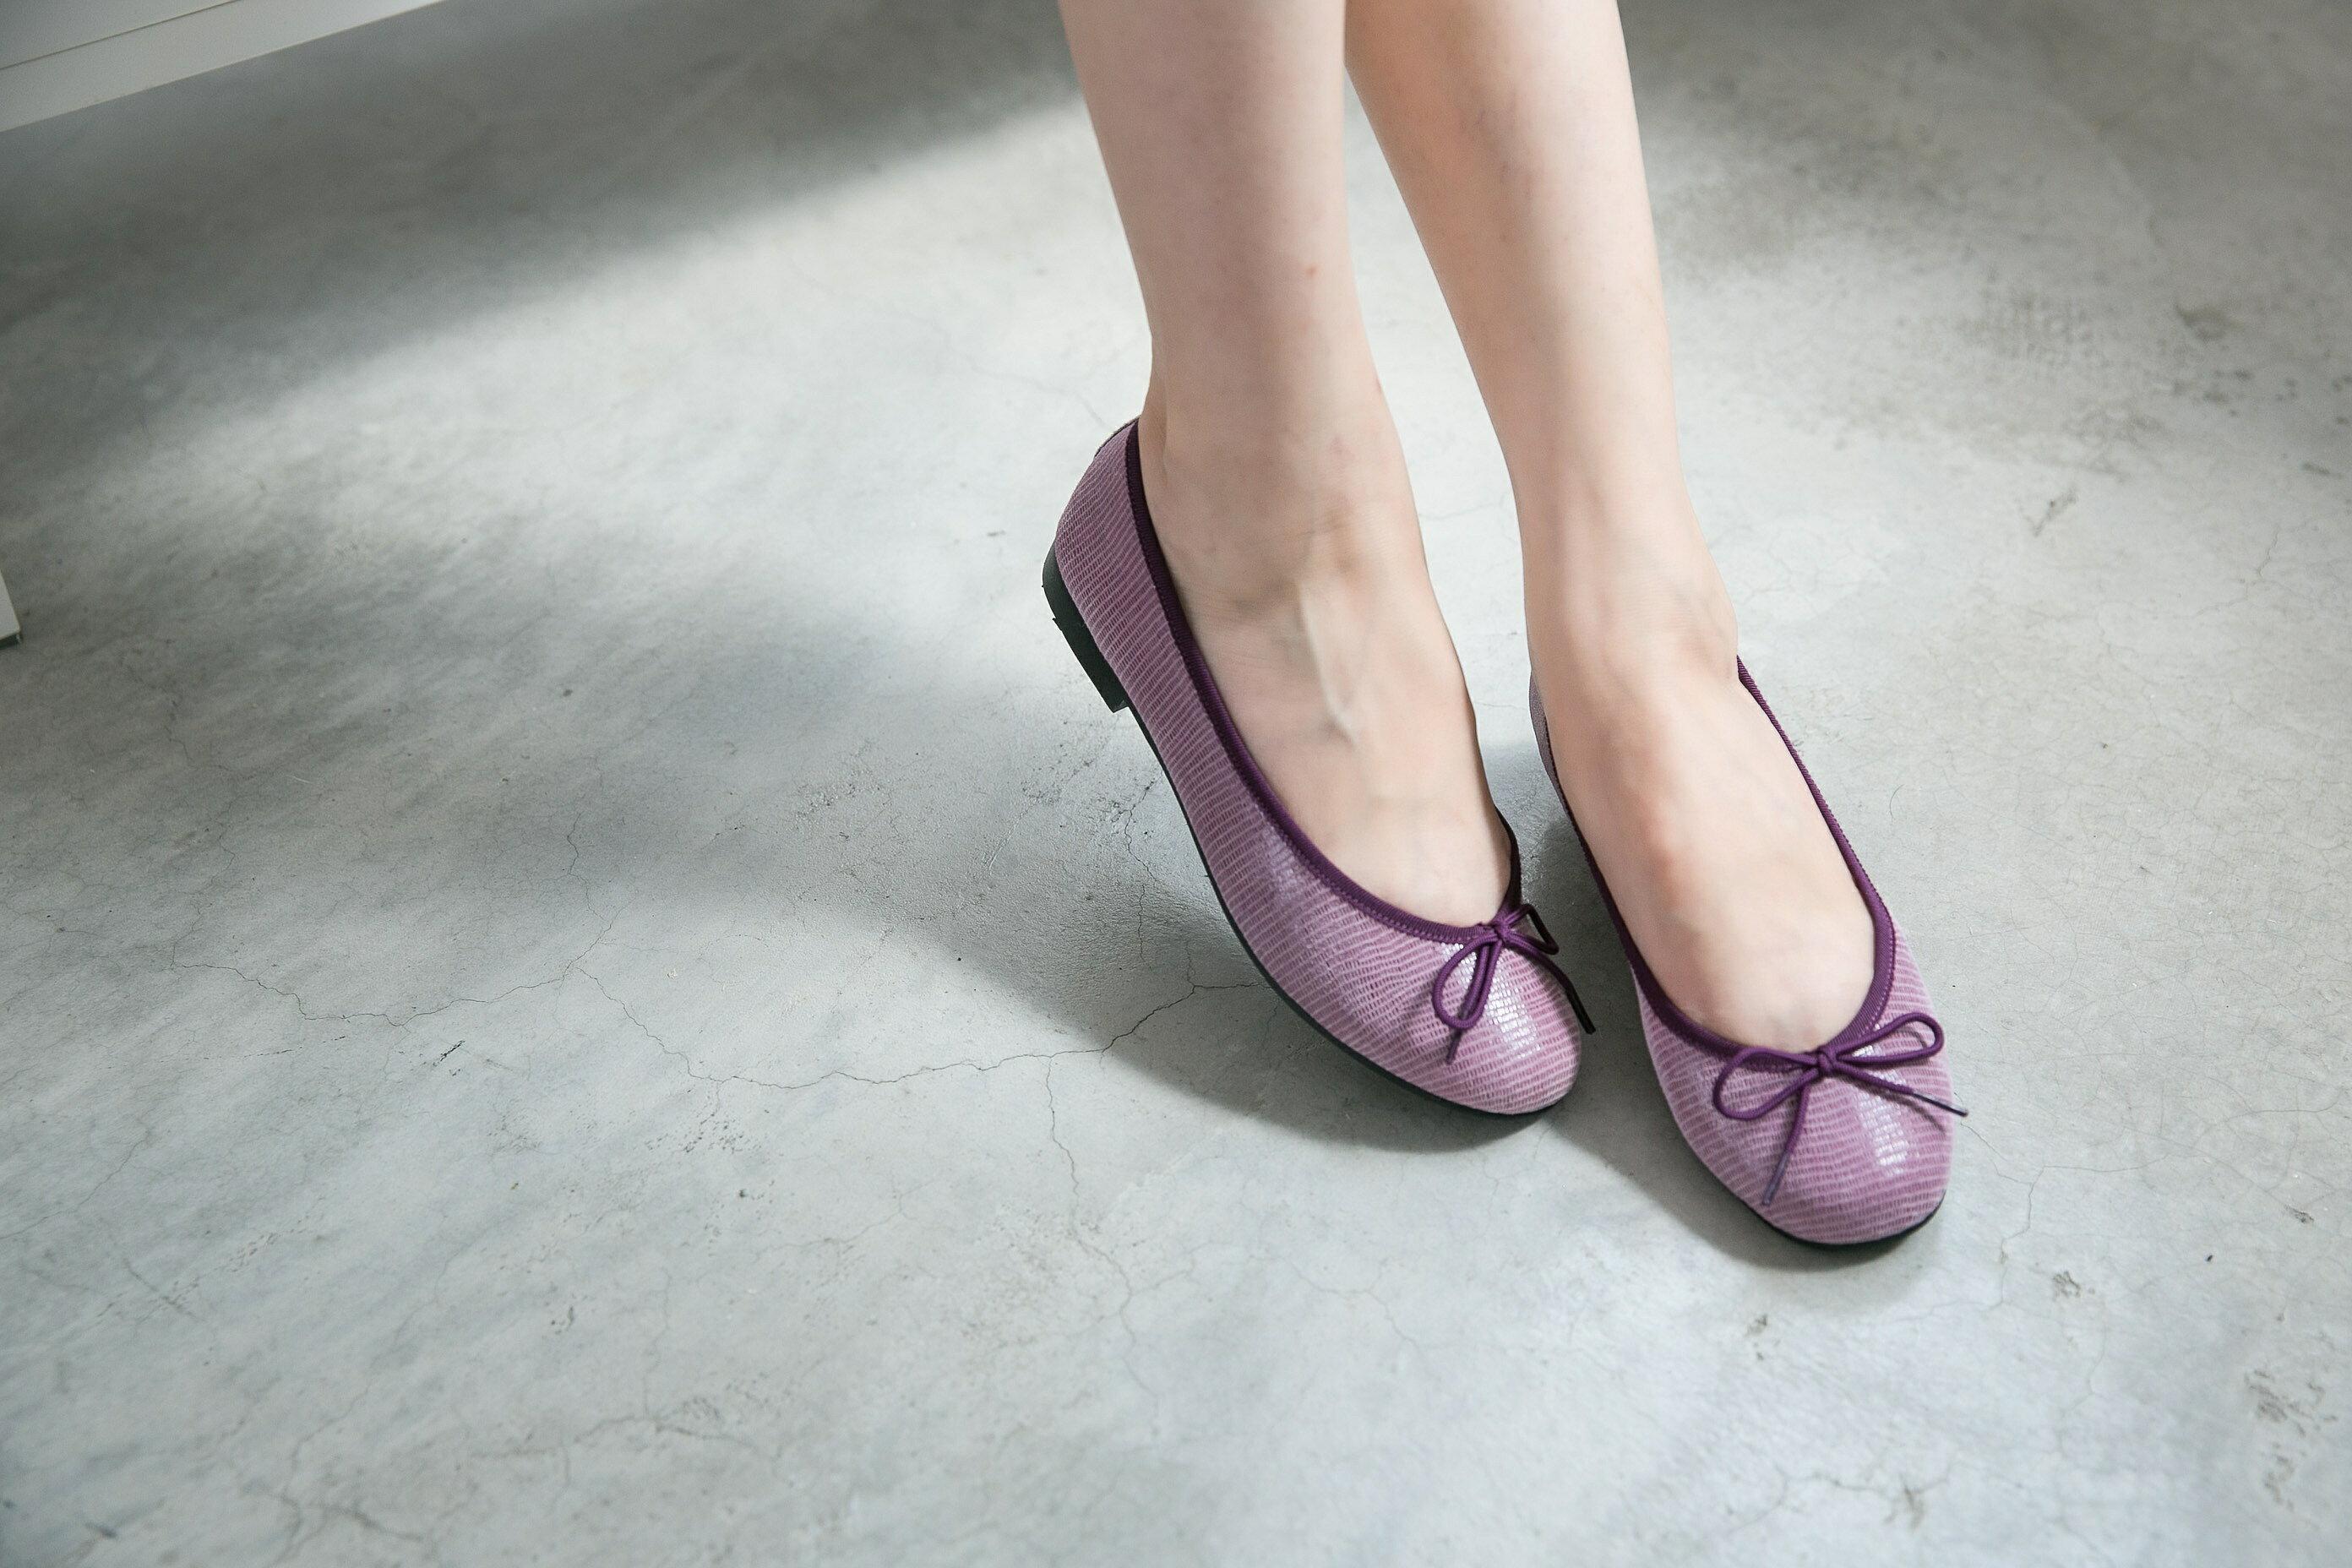 Aimez La Vie 經典芭蕾舞真皮平底娃娃鞋-動物蜥蜴紋系列(共三色) 3